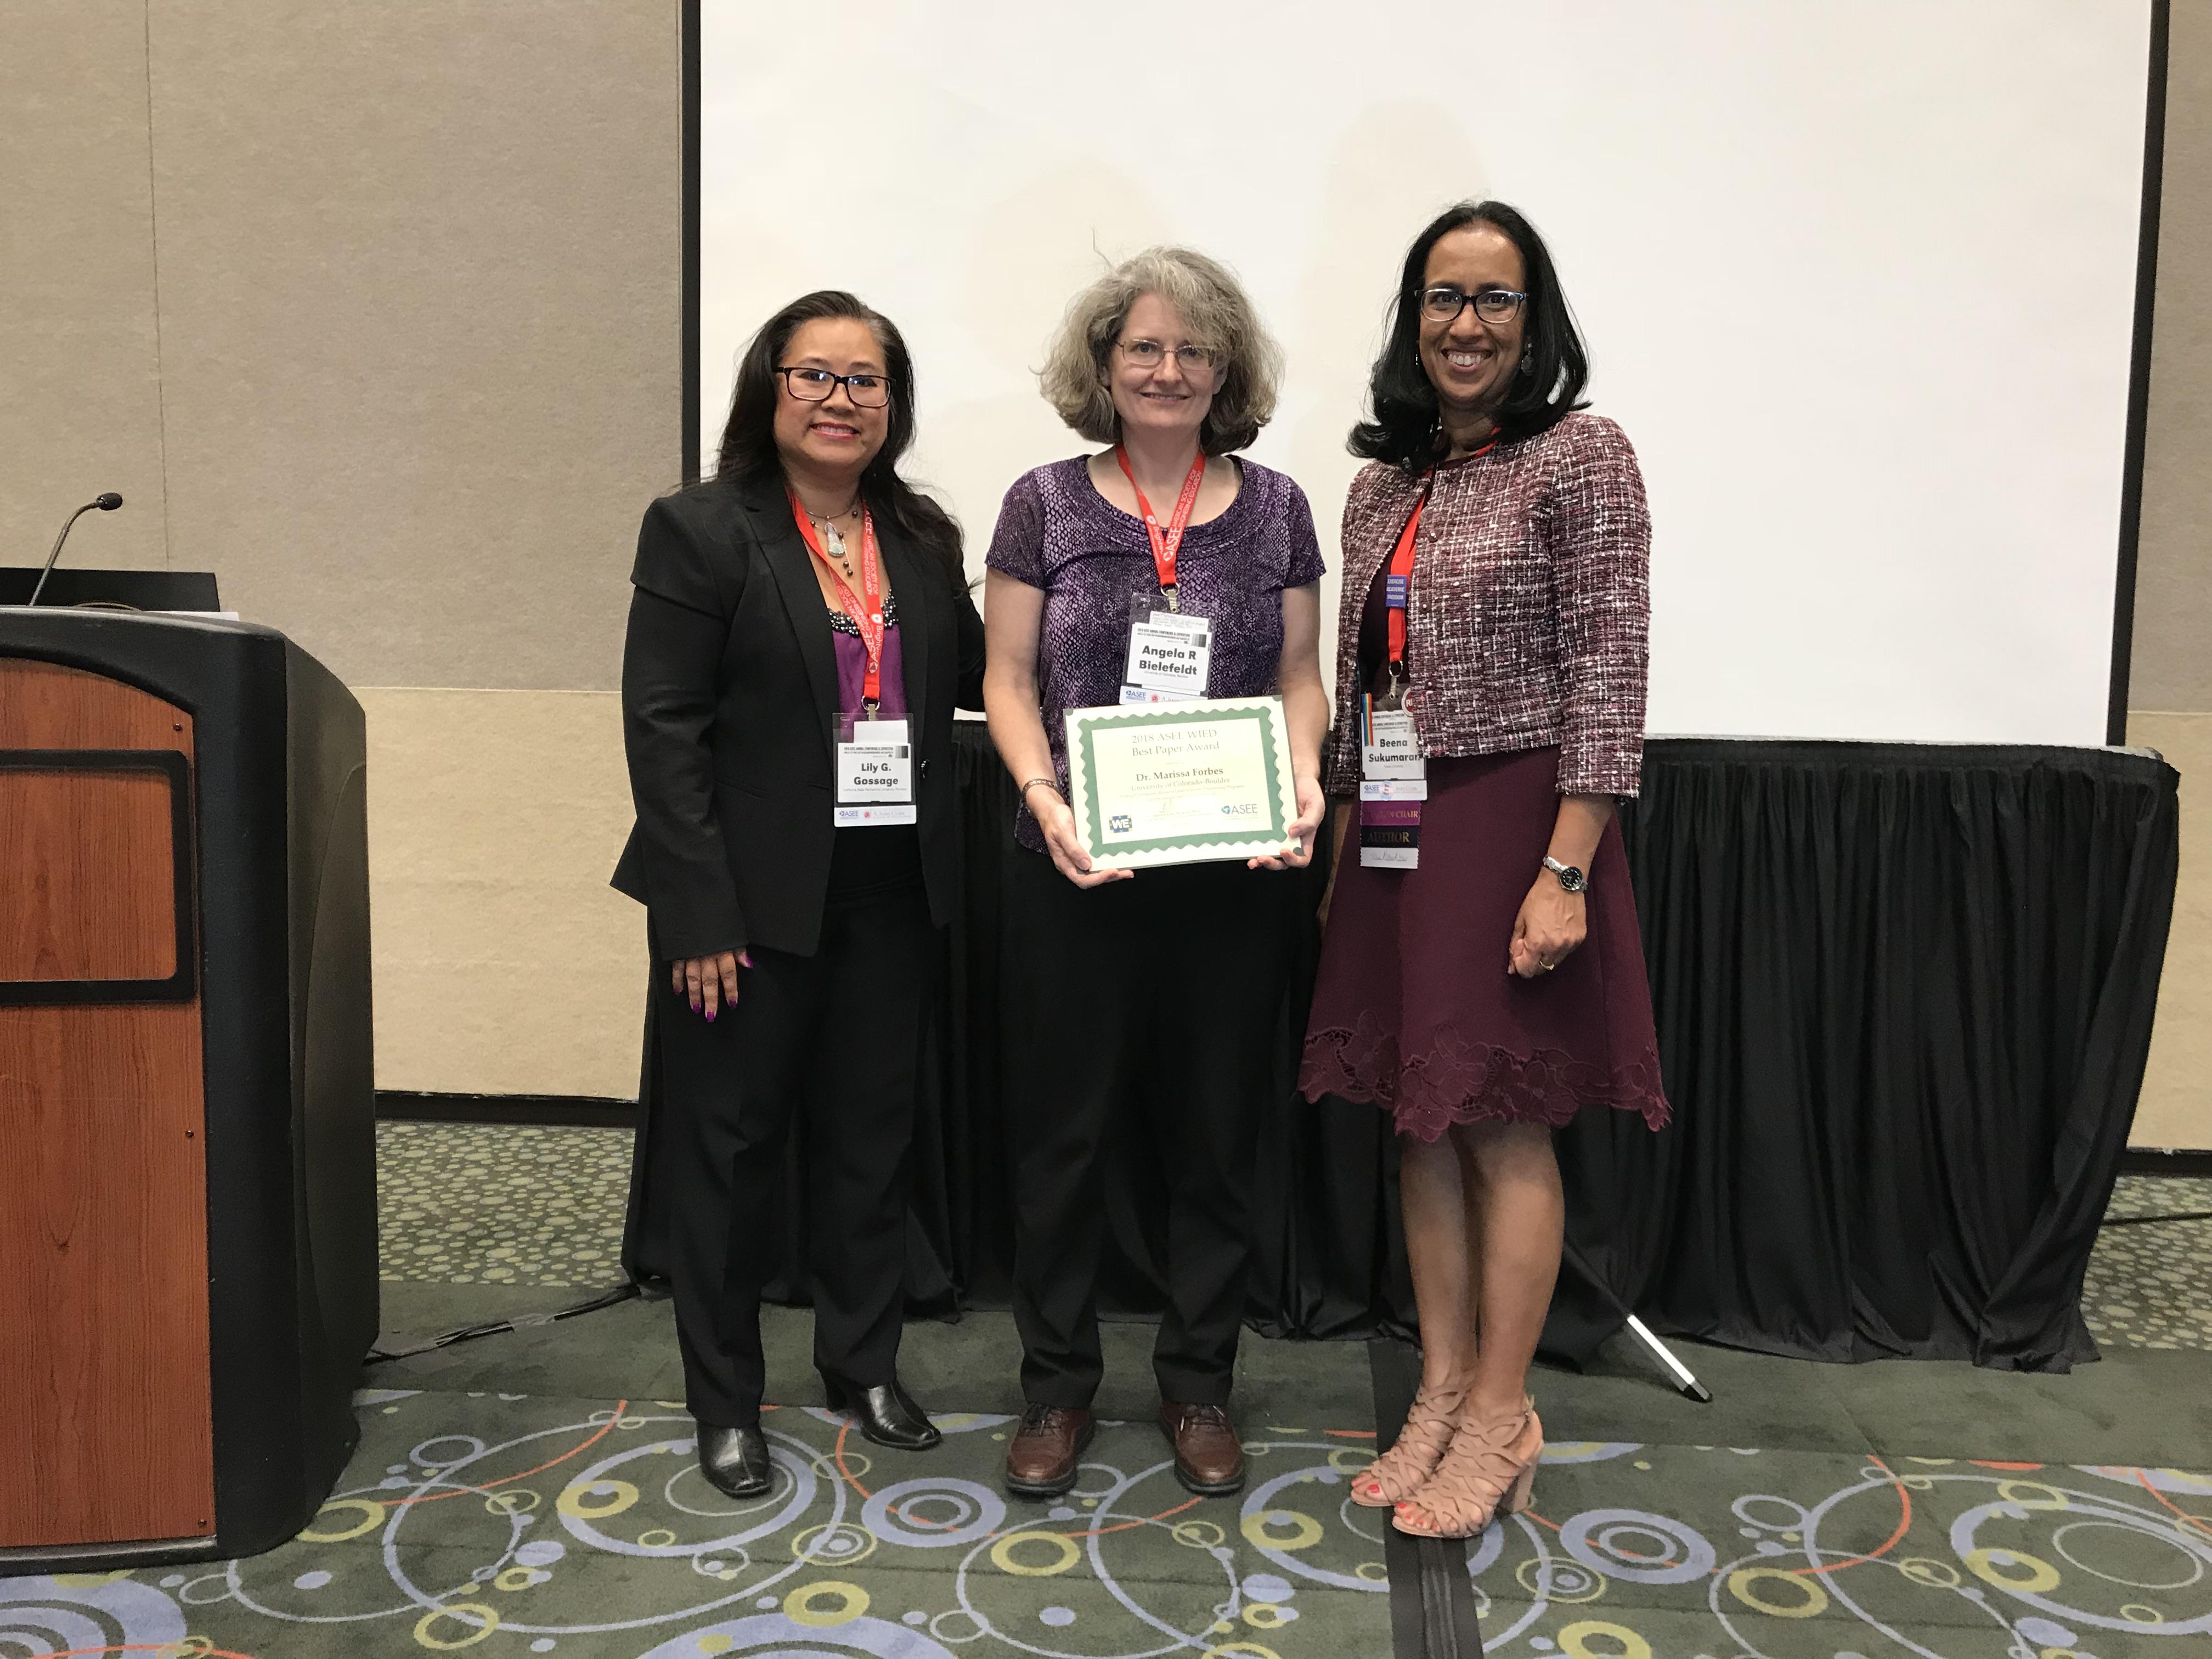 2018 WIED Best Paper Award